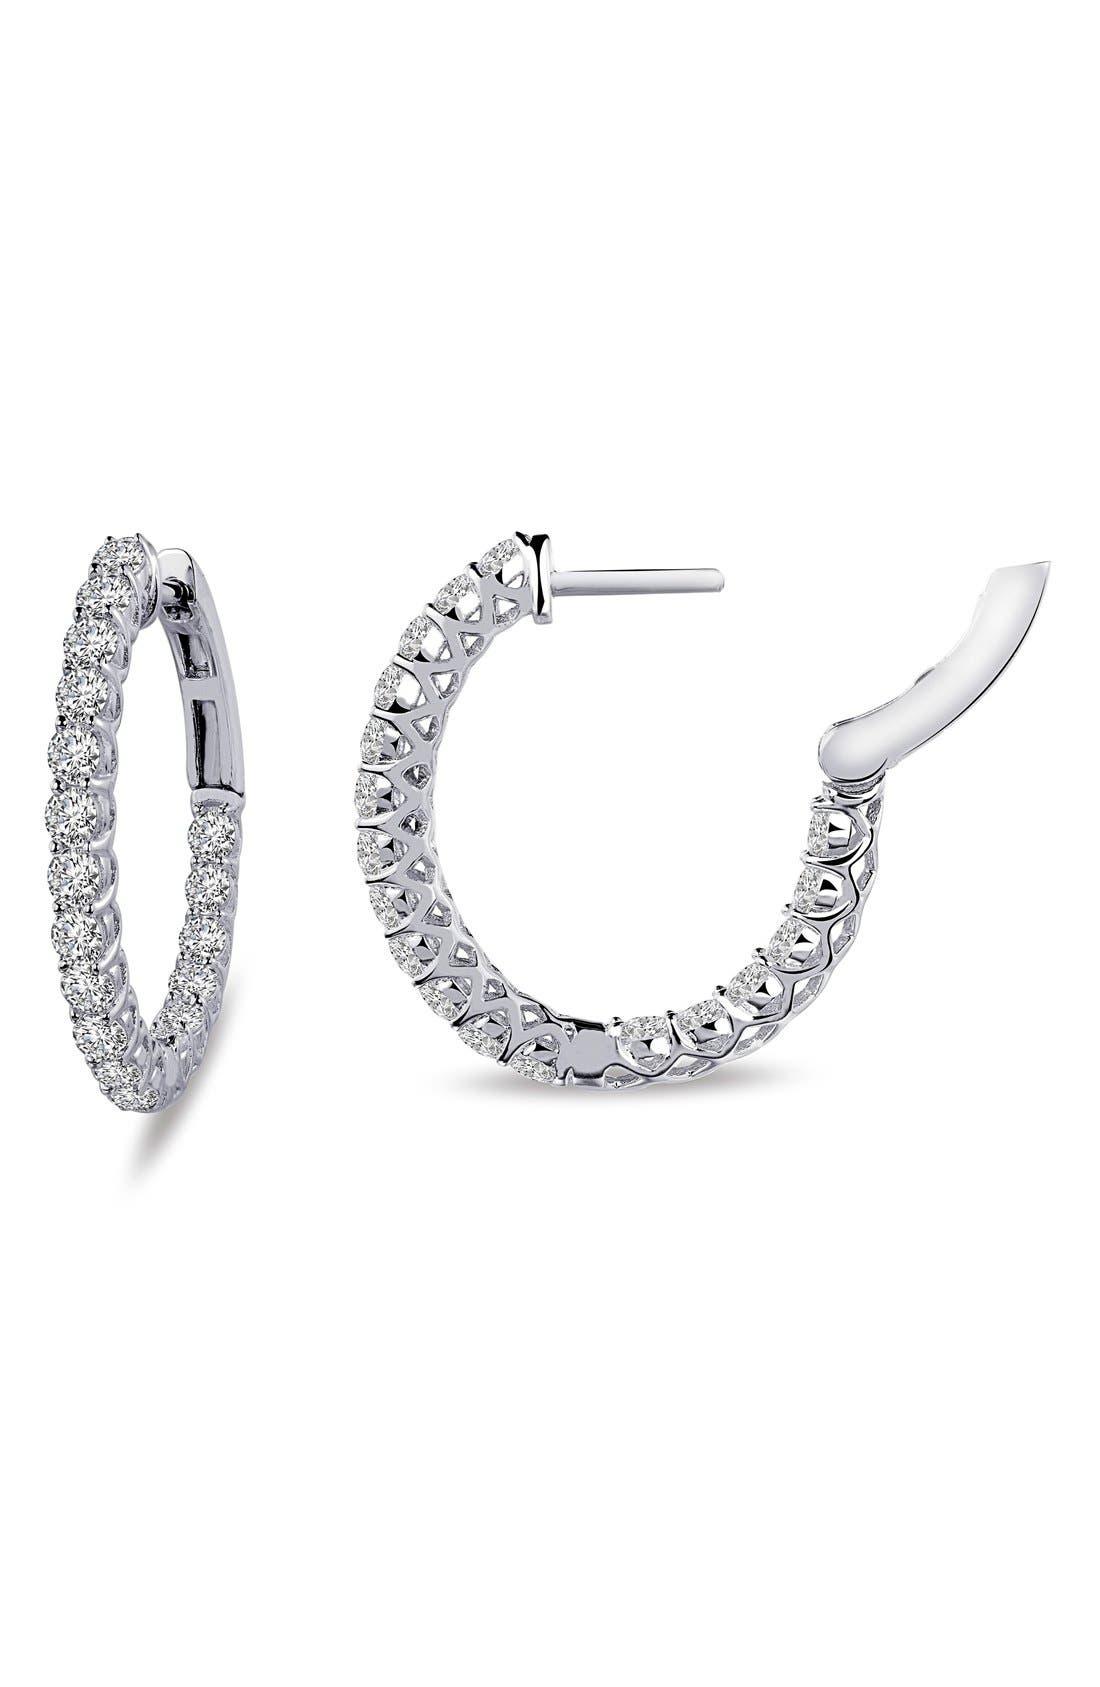 Main Image - Lafonn 'Lassaire' Oval Hoop Earrings